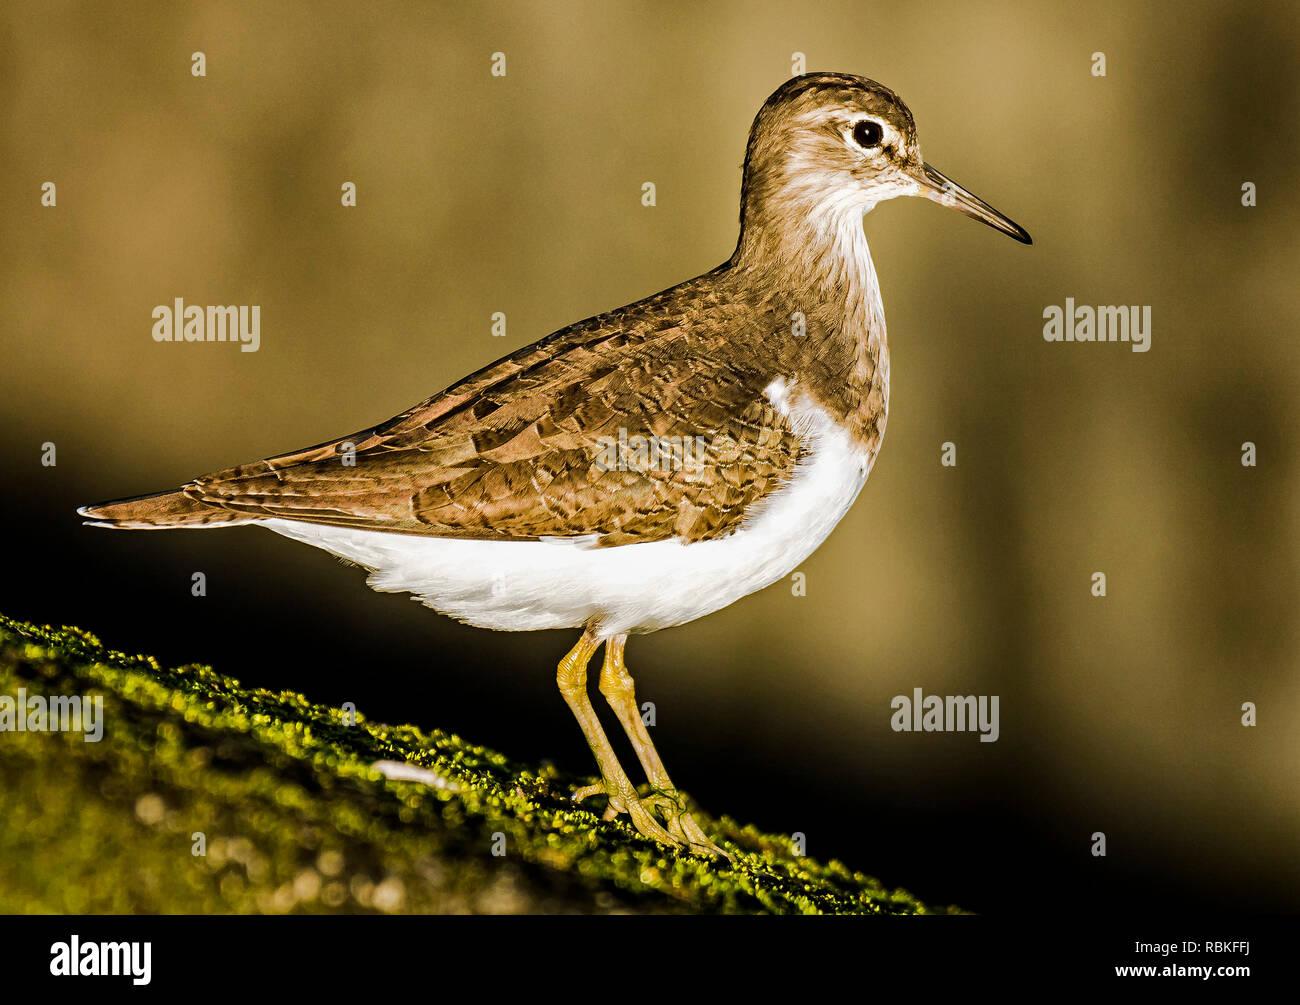 Common Sandpiper - Stock Image